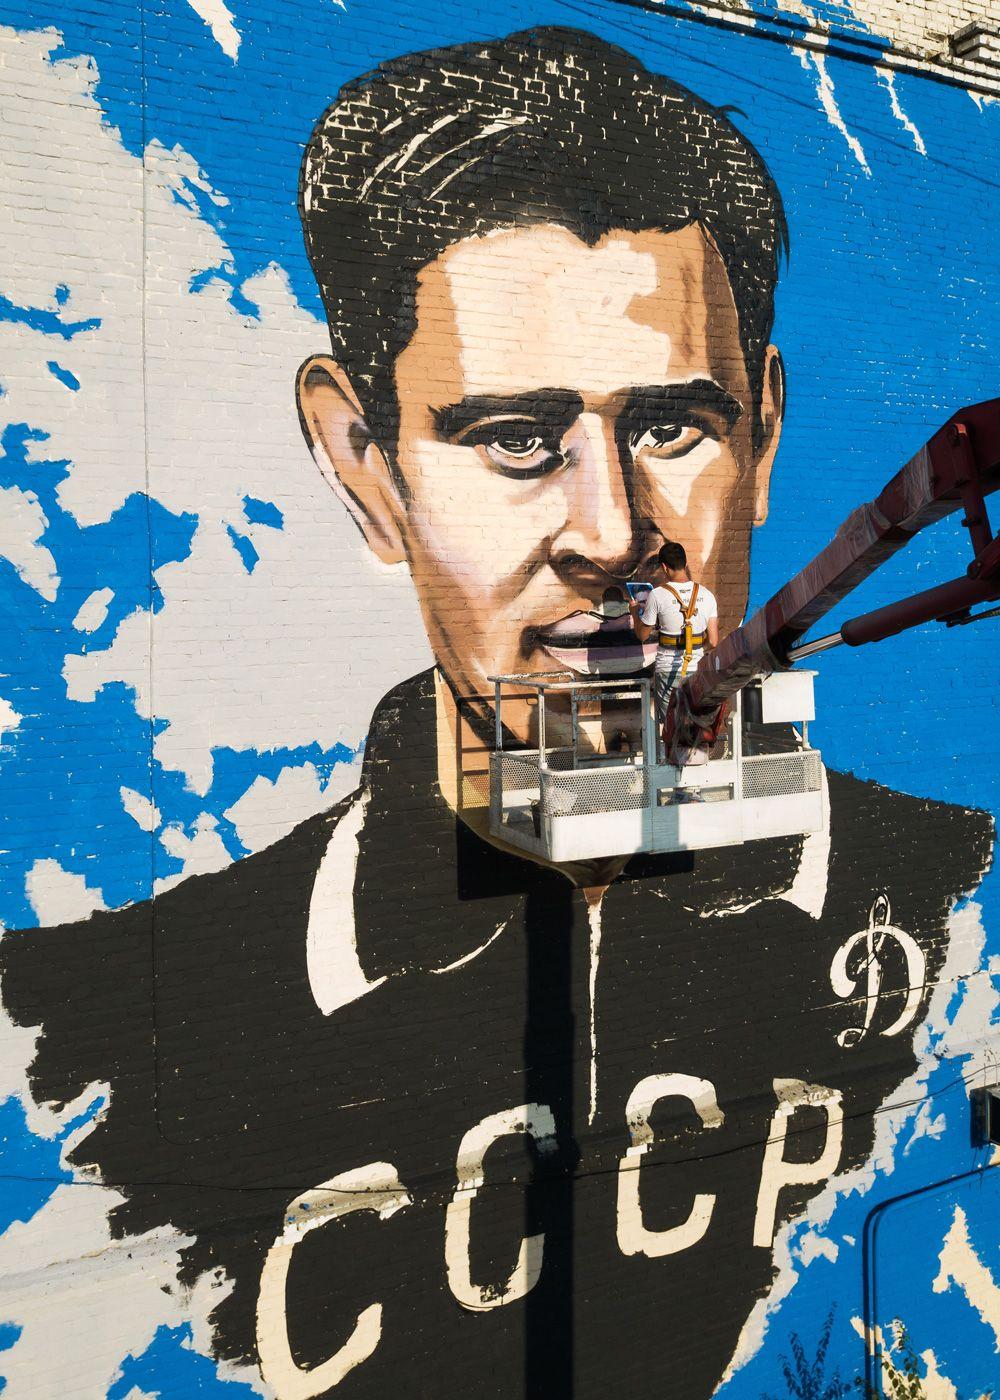 Художник работает над граффити с изображением советского футболиста, вратаря Льва Яшина, посвященном чемпионату мира по футболу ФИФА-2018, в Краснодаре.